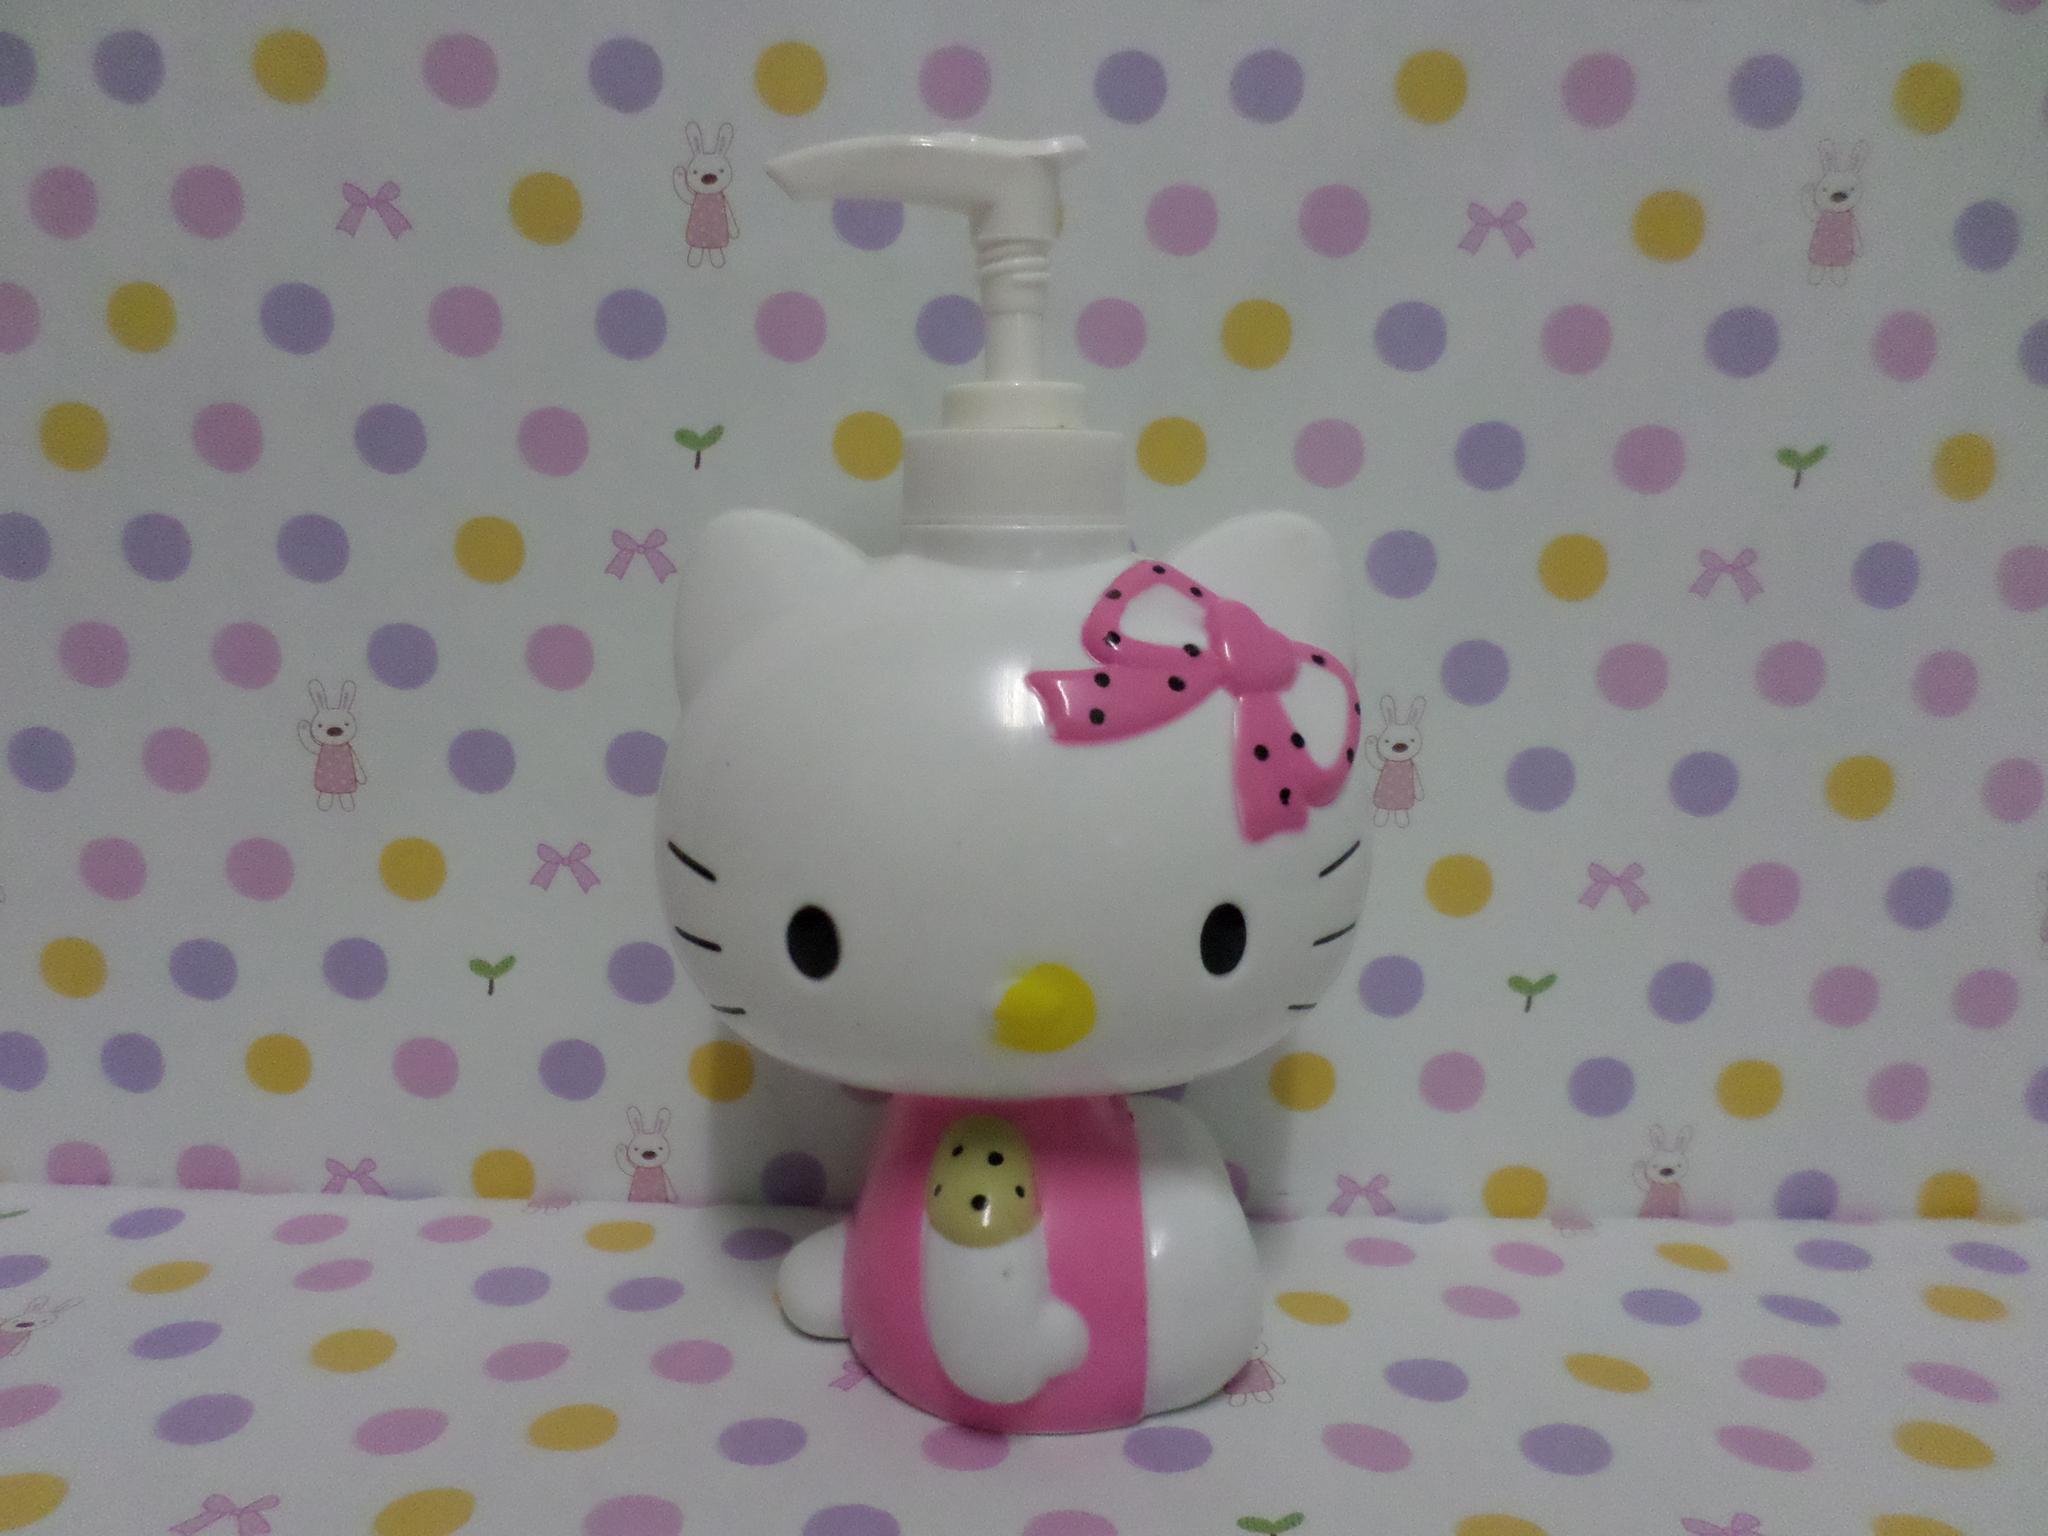 ขวดปั้มสำหรับใส่สบู่เหลว แชมพู ฮัลโหลคิตตี้ Hello kitty#3 ขนาดสูง 6 นิ้ว สีขาวชมพู ลายคิตตี้โบว์ชมพู